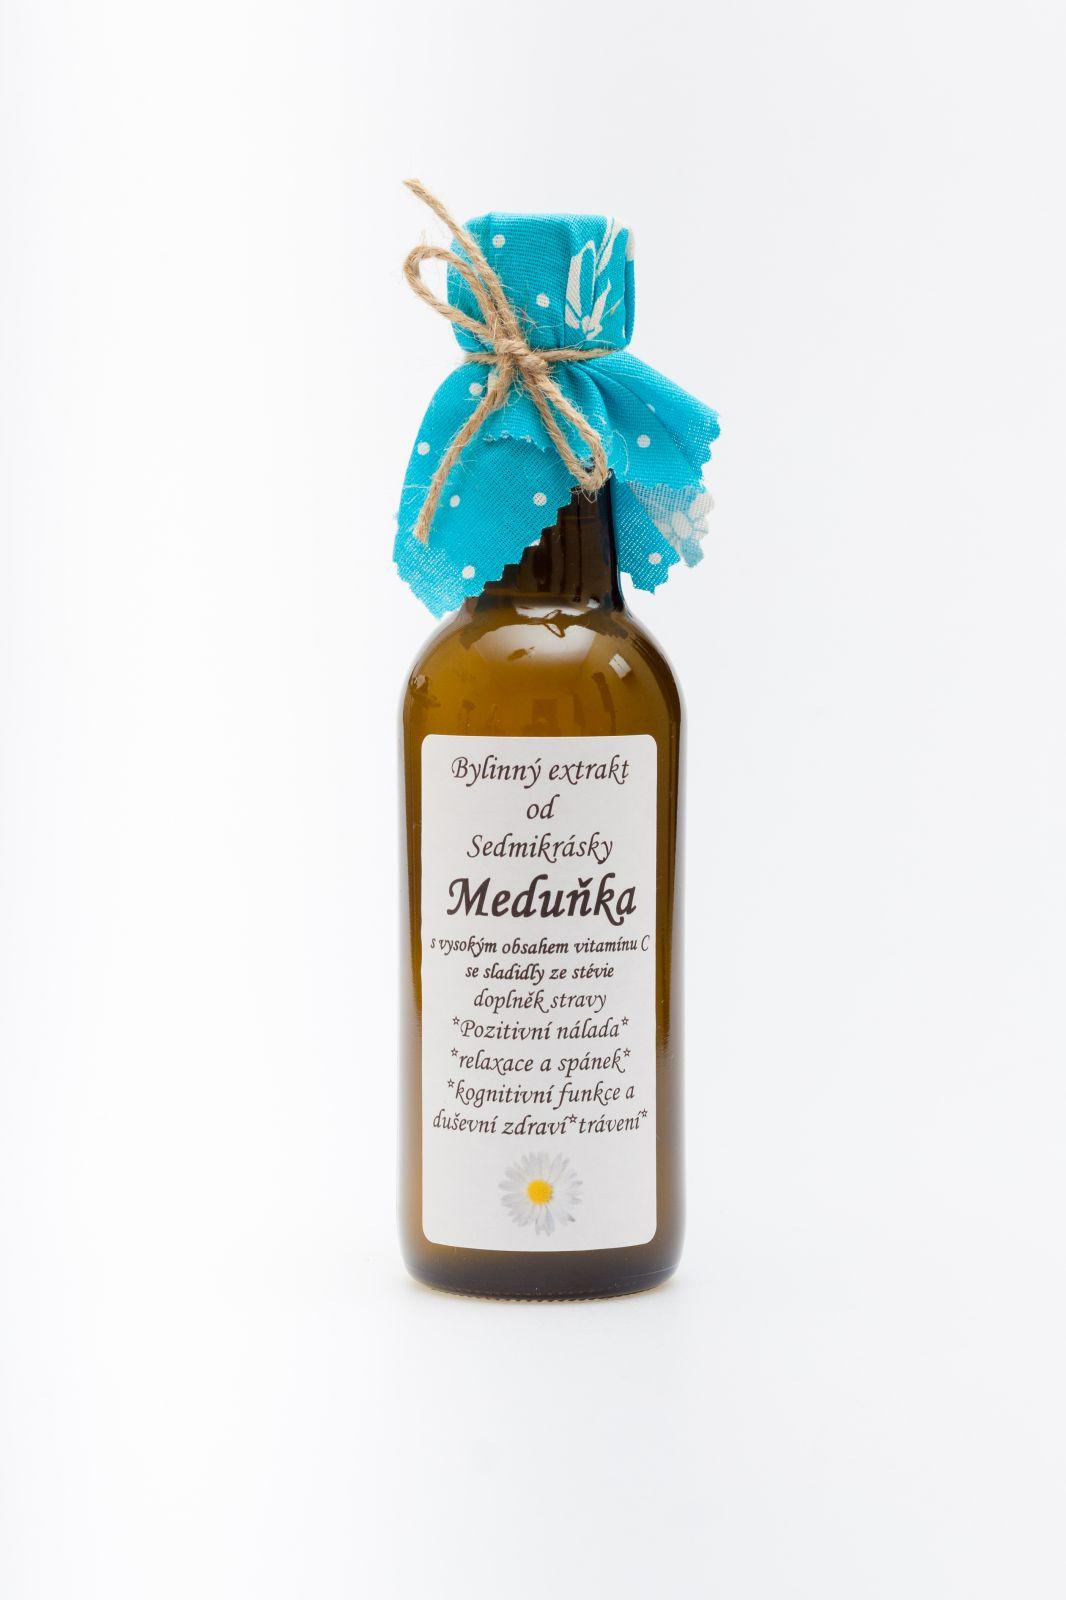 Sedmikráska bylinný extrakt Meduňka 250ml pozitivní nálada, relaxace a spánek, kognitivní funkce a duševní zdraví, trávení doplněk stravy Rodinná farma Sedmikráska